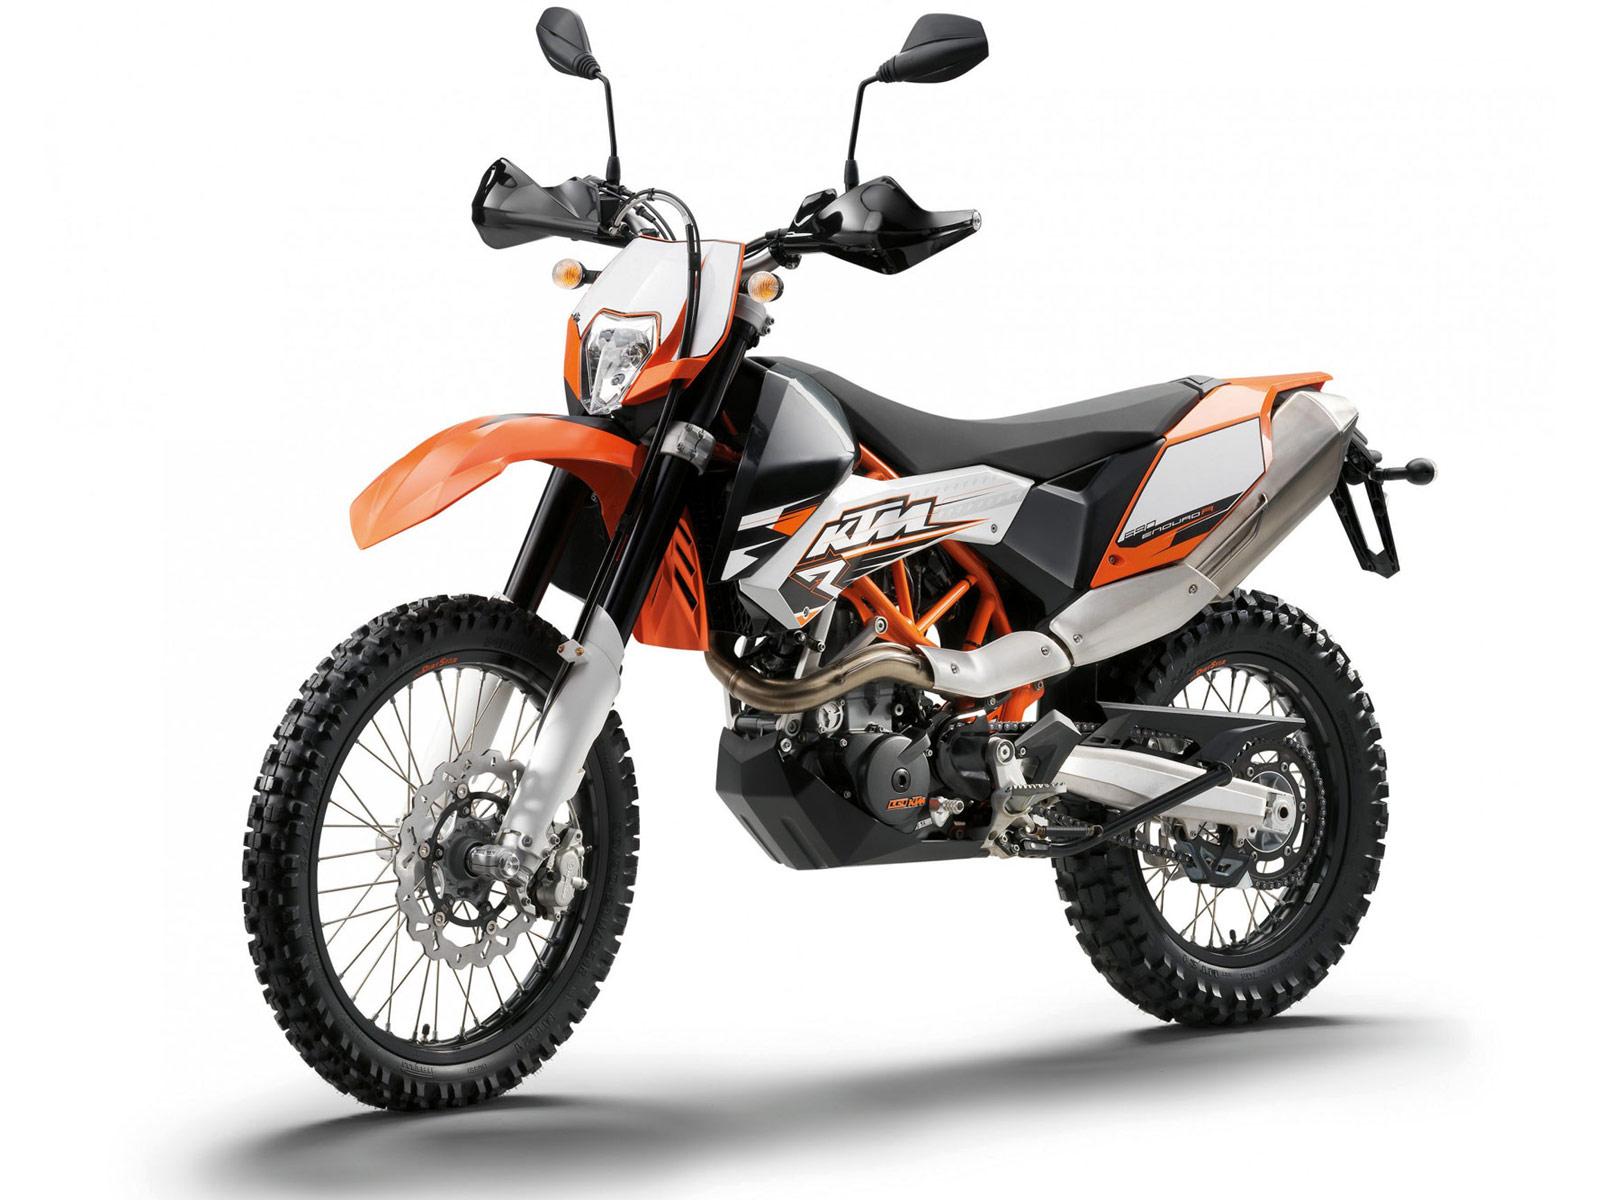 http://3.bp.blogspot.com/_ja0nvj5Jato/THMDRF2hDvI/AAAAAAAAHzs/YgpXCRmQoDE/s1600/KTM_690_Enduro_R_2010_motorcycle-3.jpg